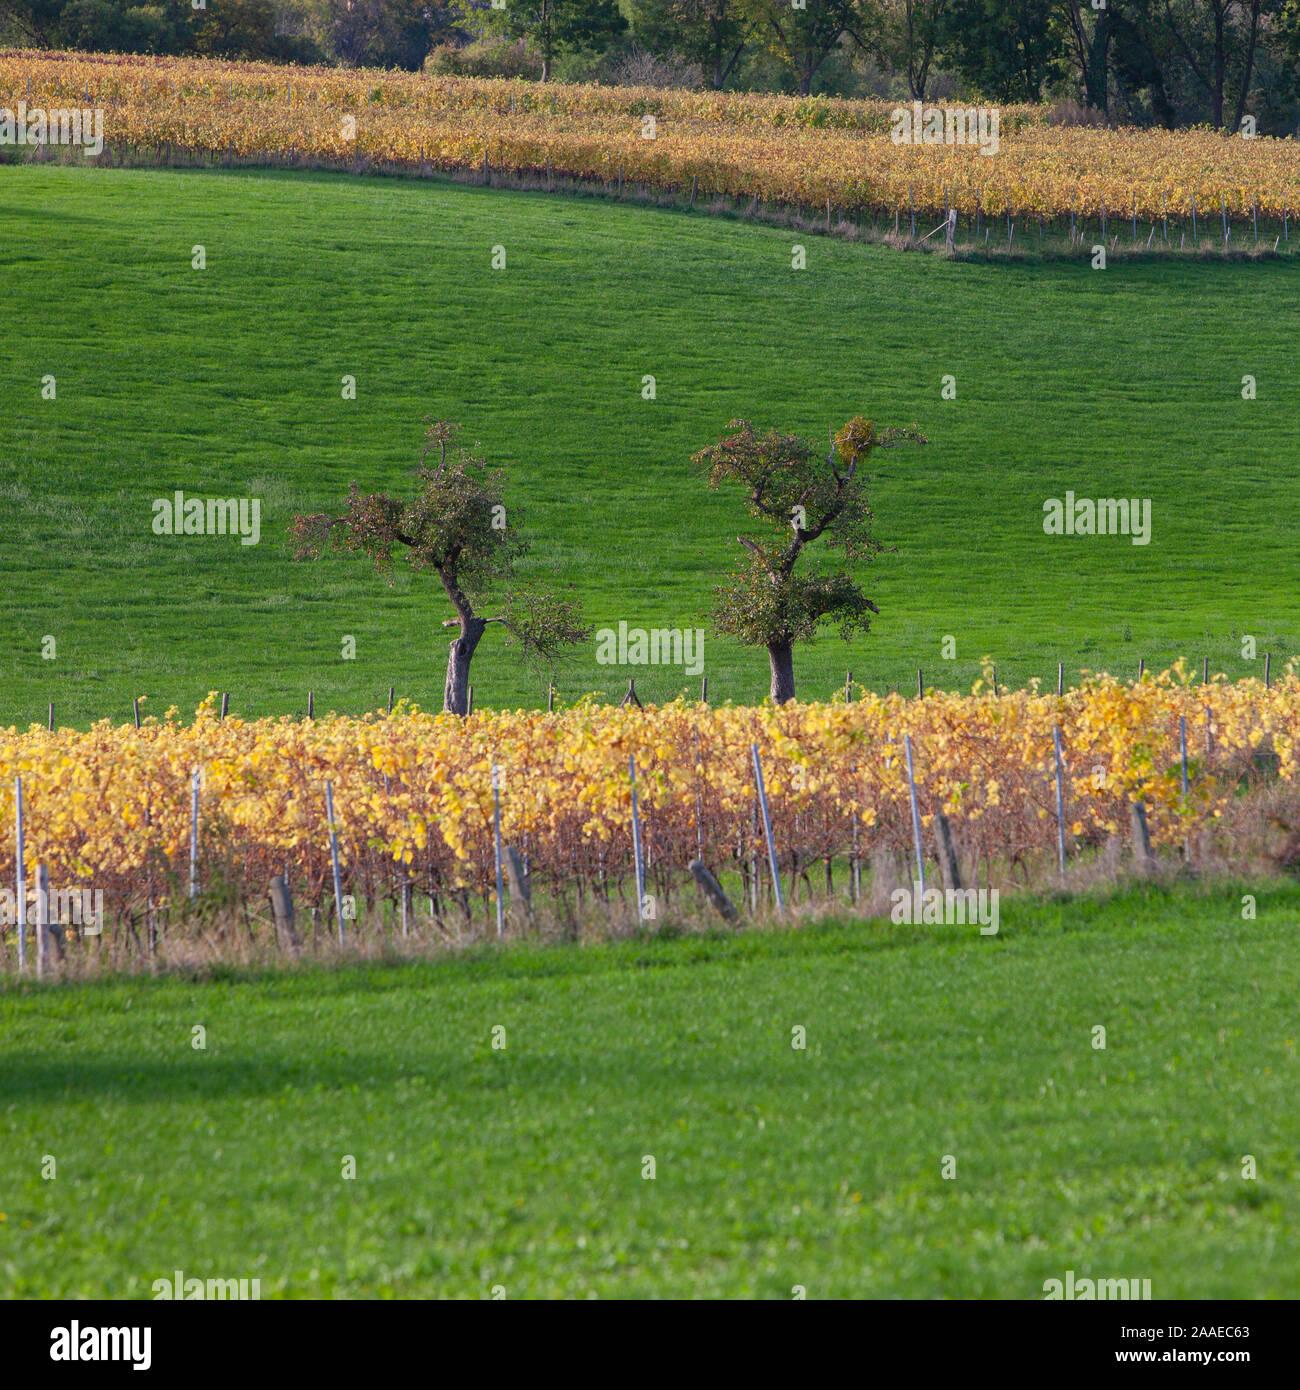 Des arbres fruitiers en prairie et feuilles jaunes sur vigne en province de Limbourg du Sud Banque D'Images